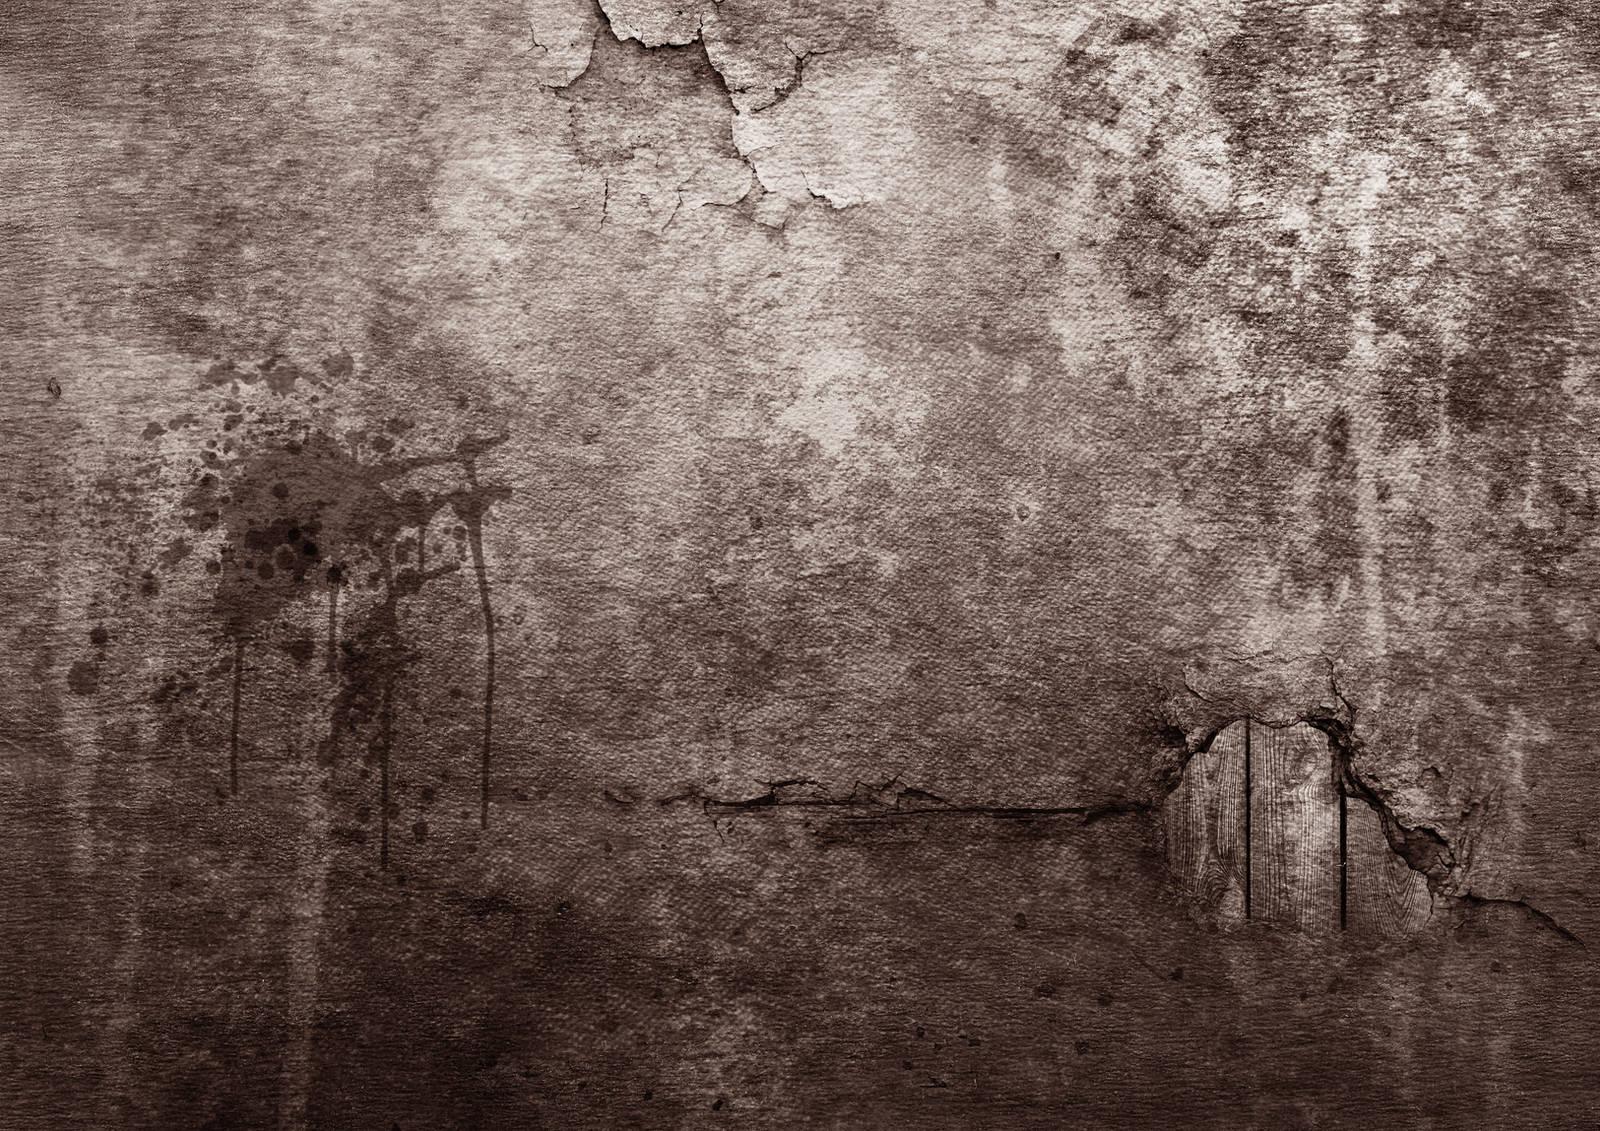 Grunge Wall by bavometh